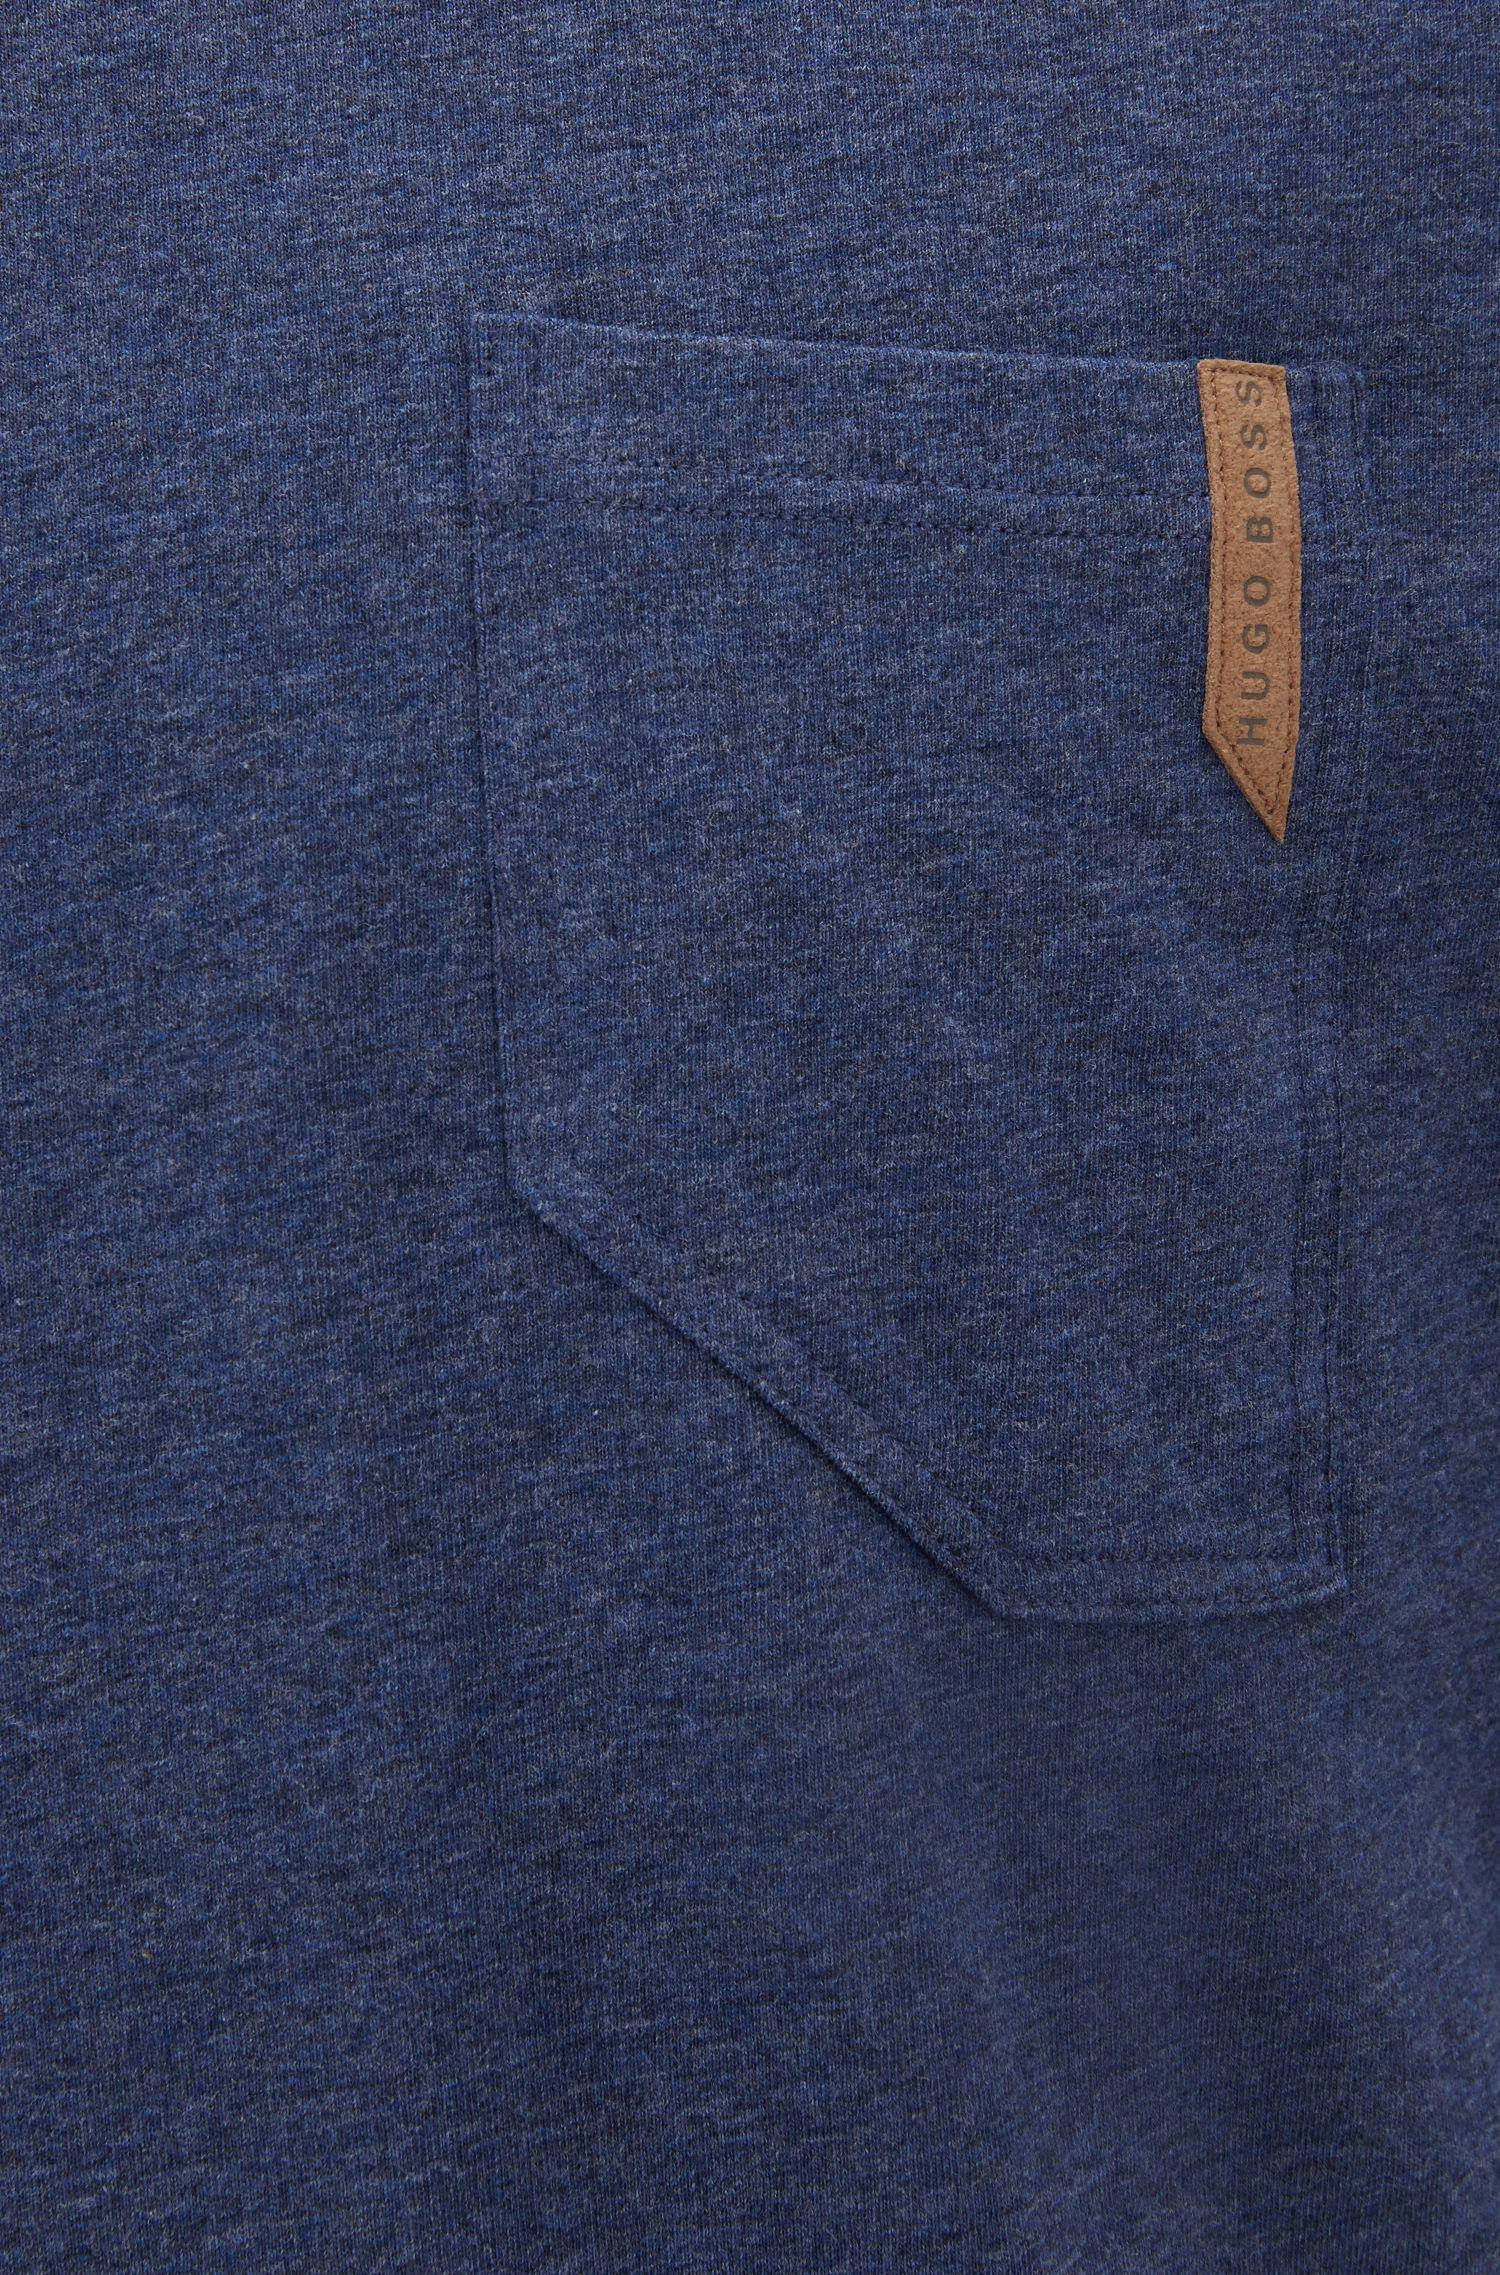 Conjunto de pijama en sarga de algodón con bolsillos estilo vaqueros